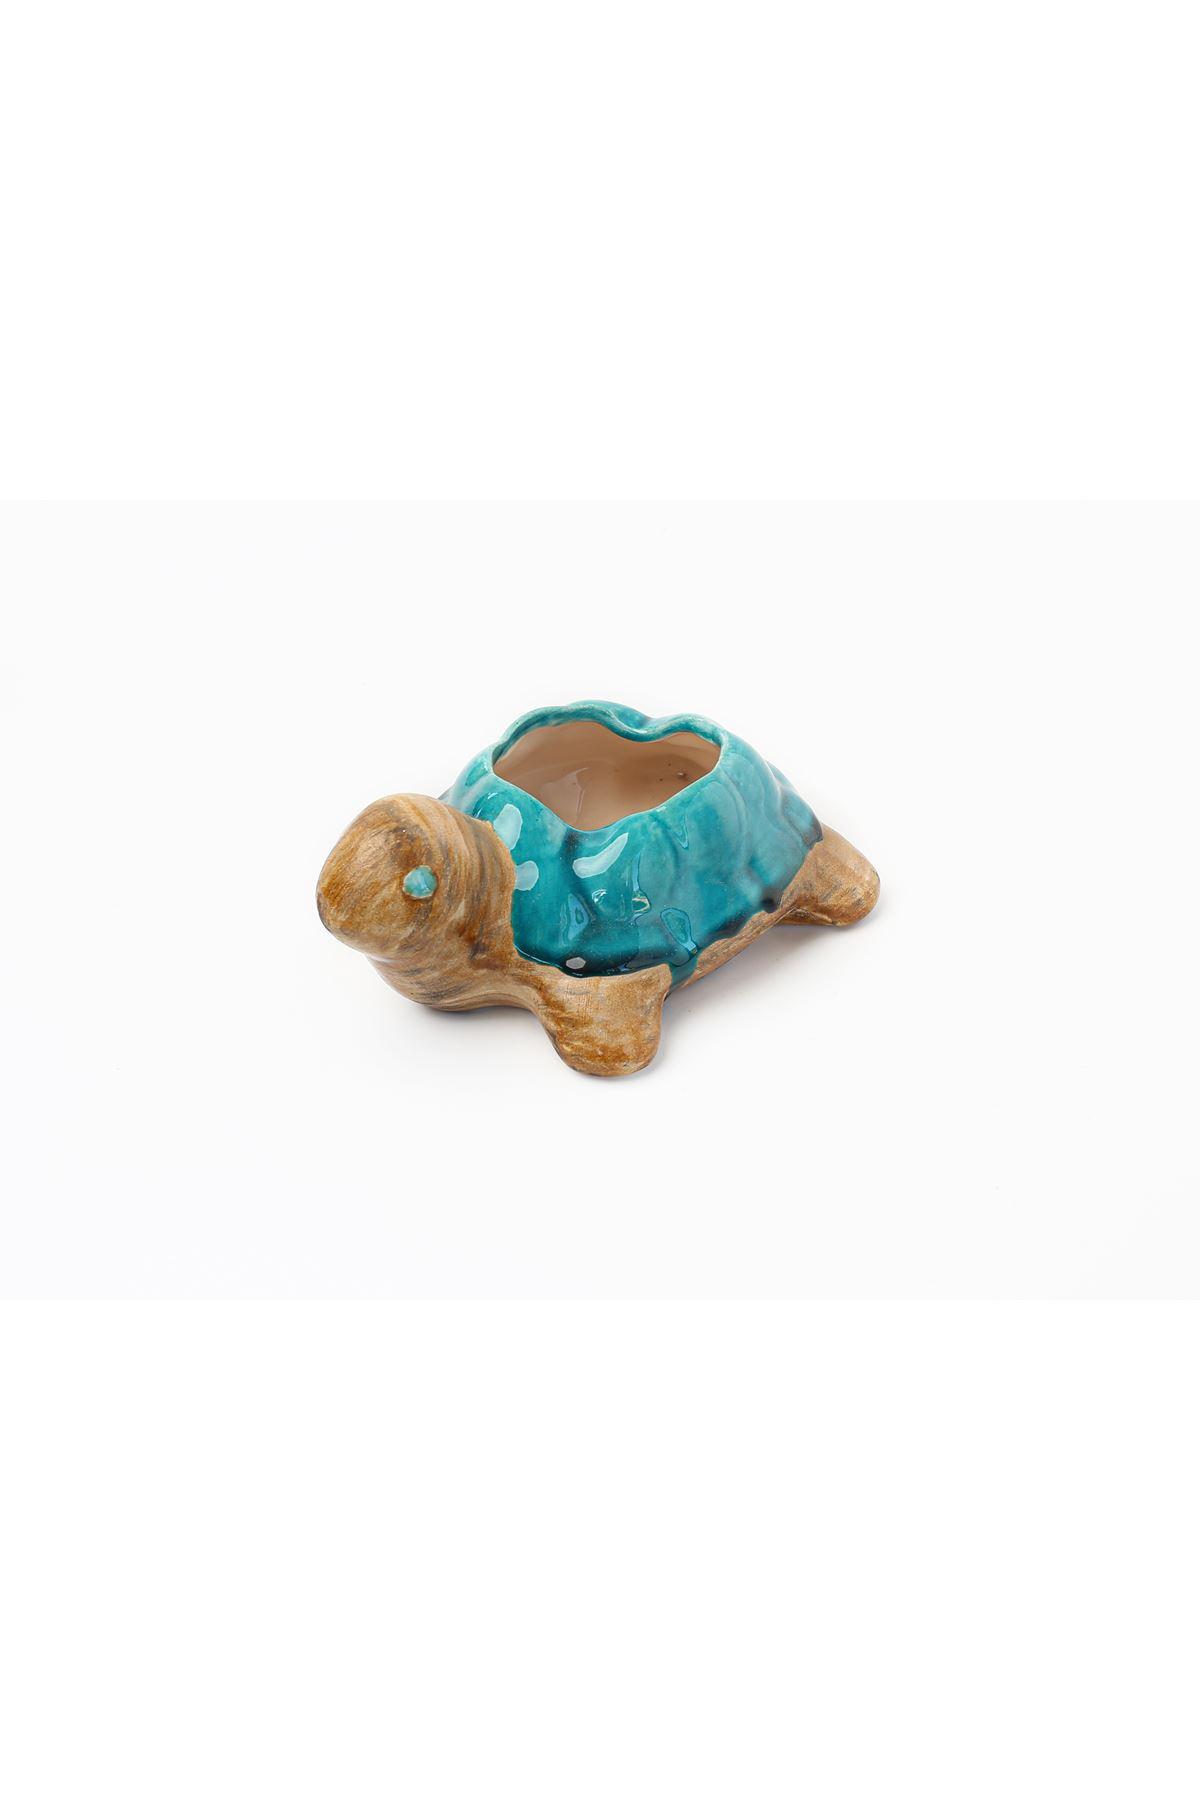 Seramık Orta Küllük Kaplumbağa Eskitme İki Renk Kahve Turkuaz Tuval Hedıyelık